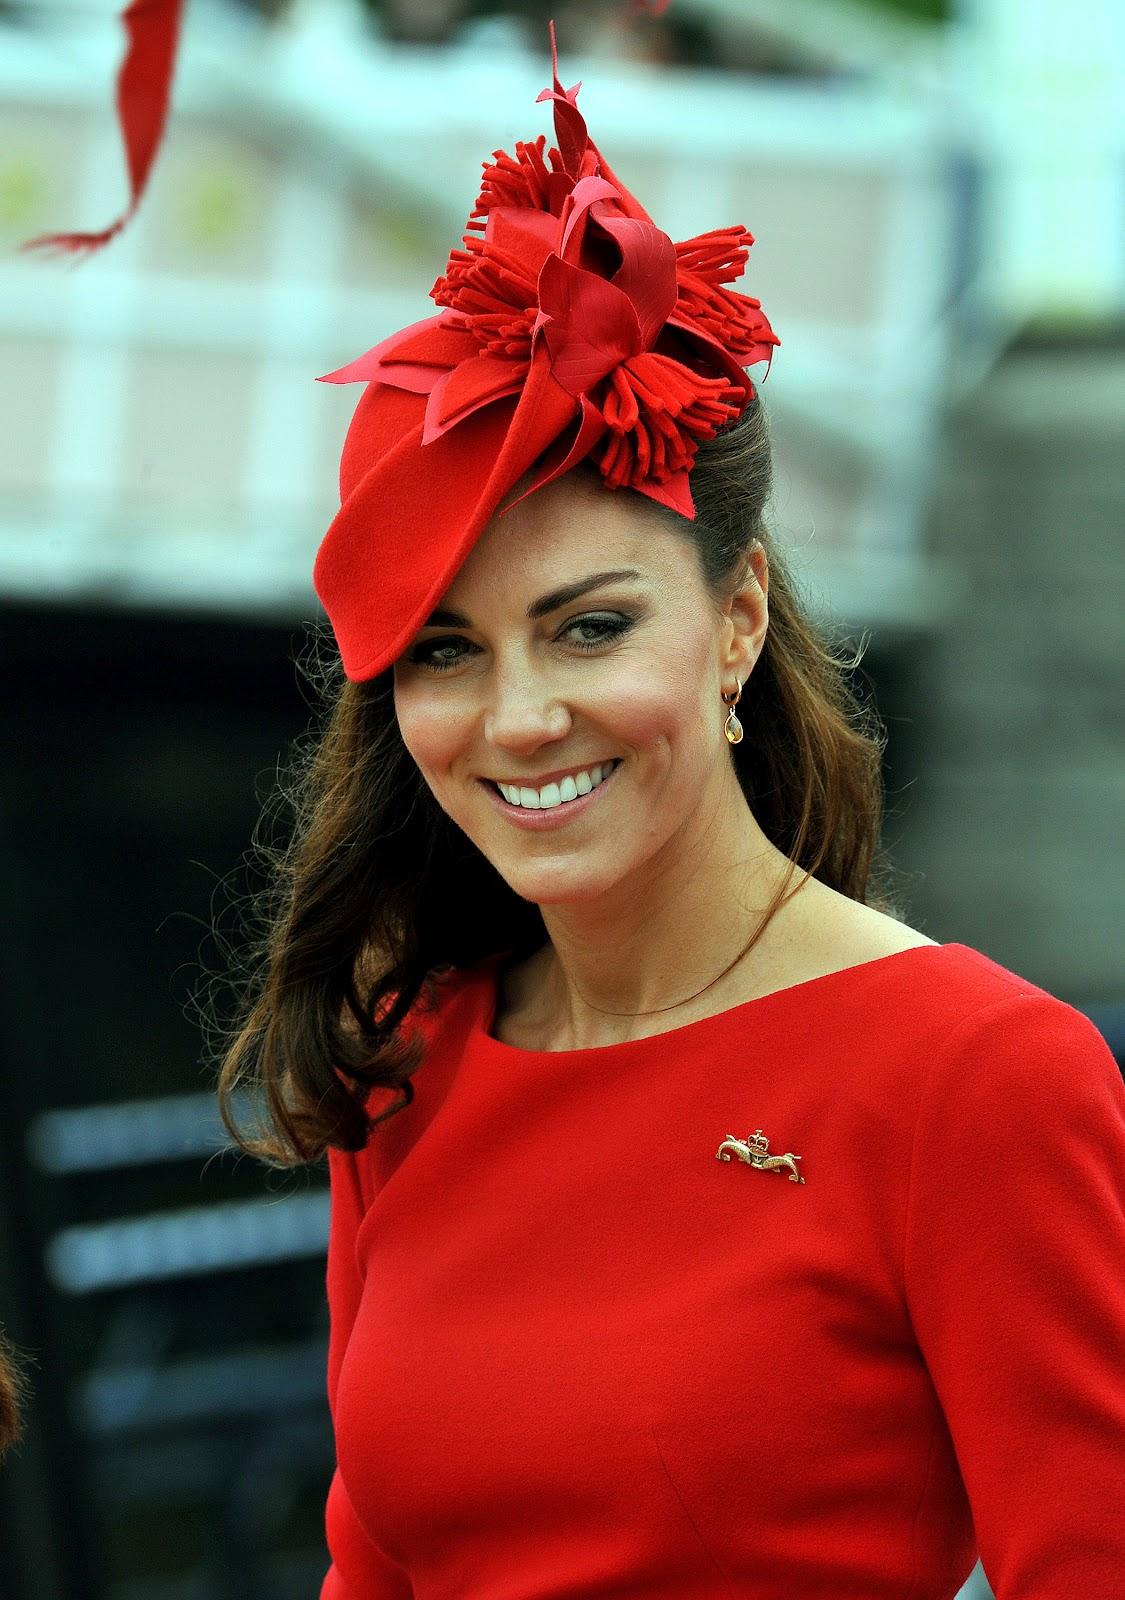 Moda E Amor Kate Middleton Dressed In Red On Diamond Jubilee